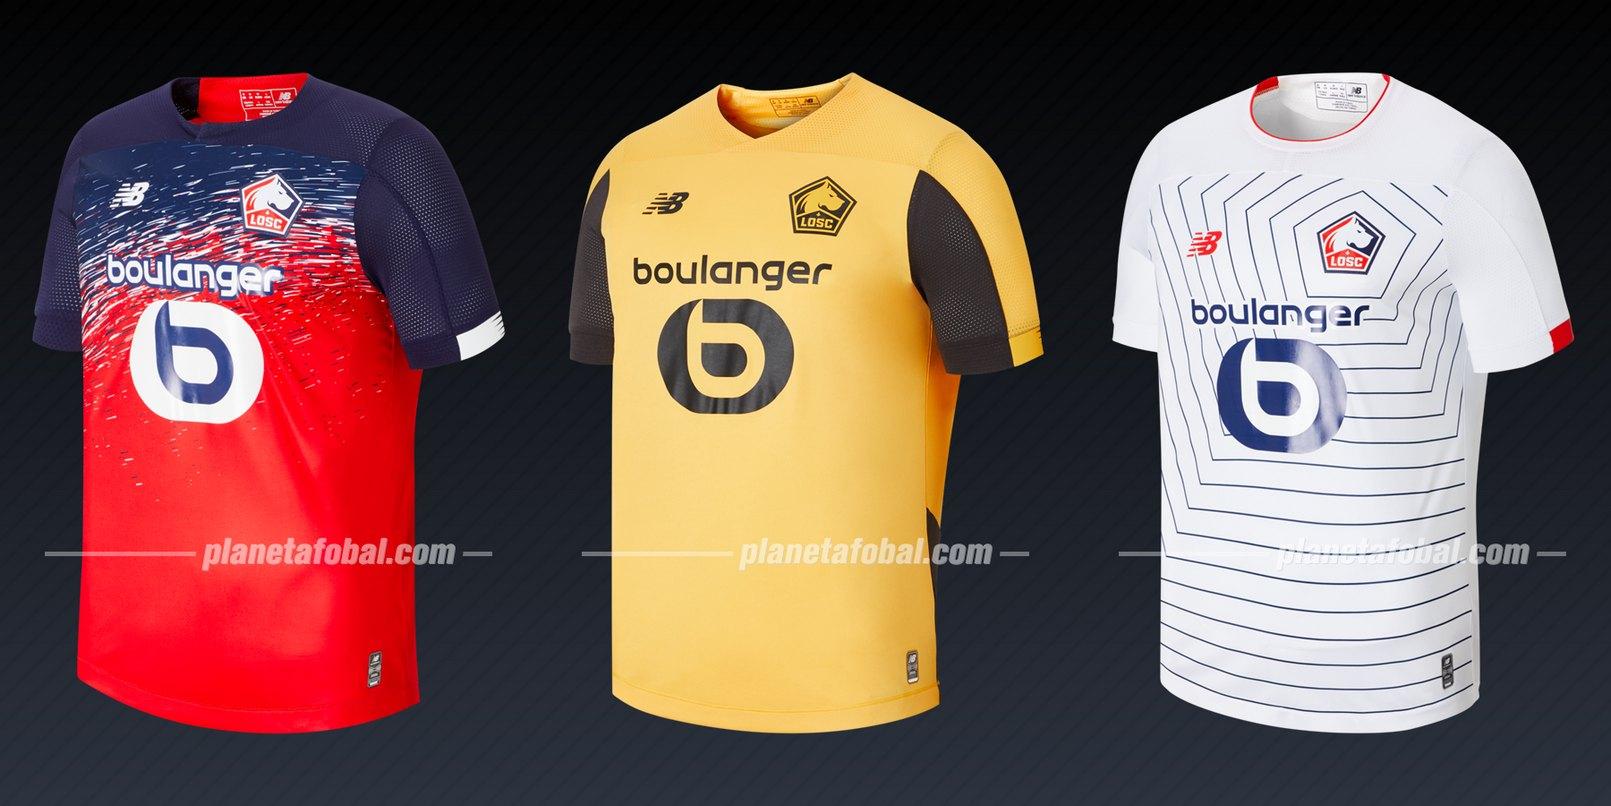 LOSC Lille (New Balance) | Camisetas de la Liga de Campeones 2019/20